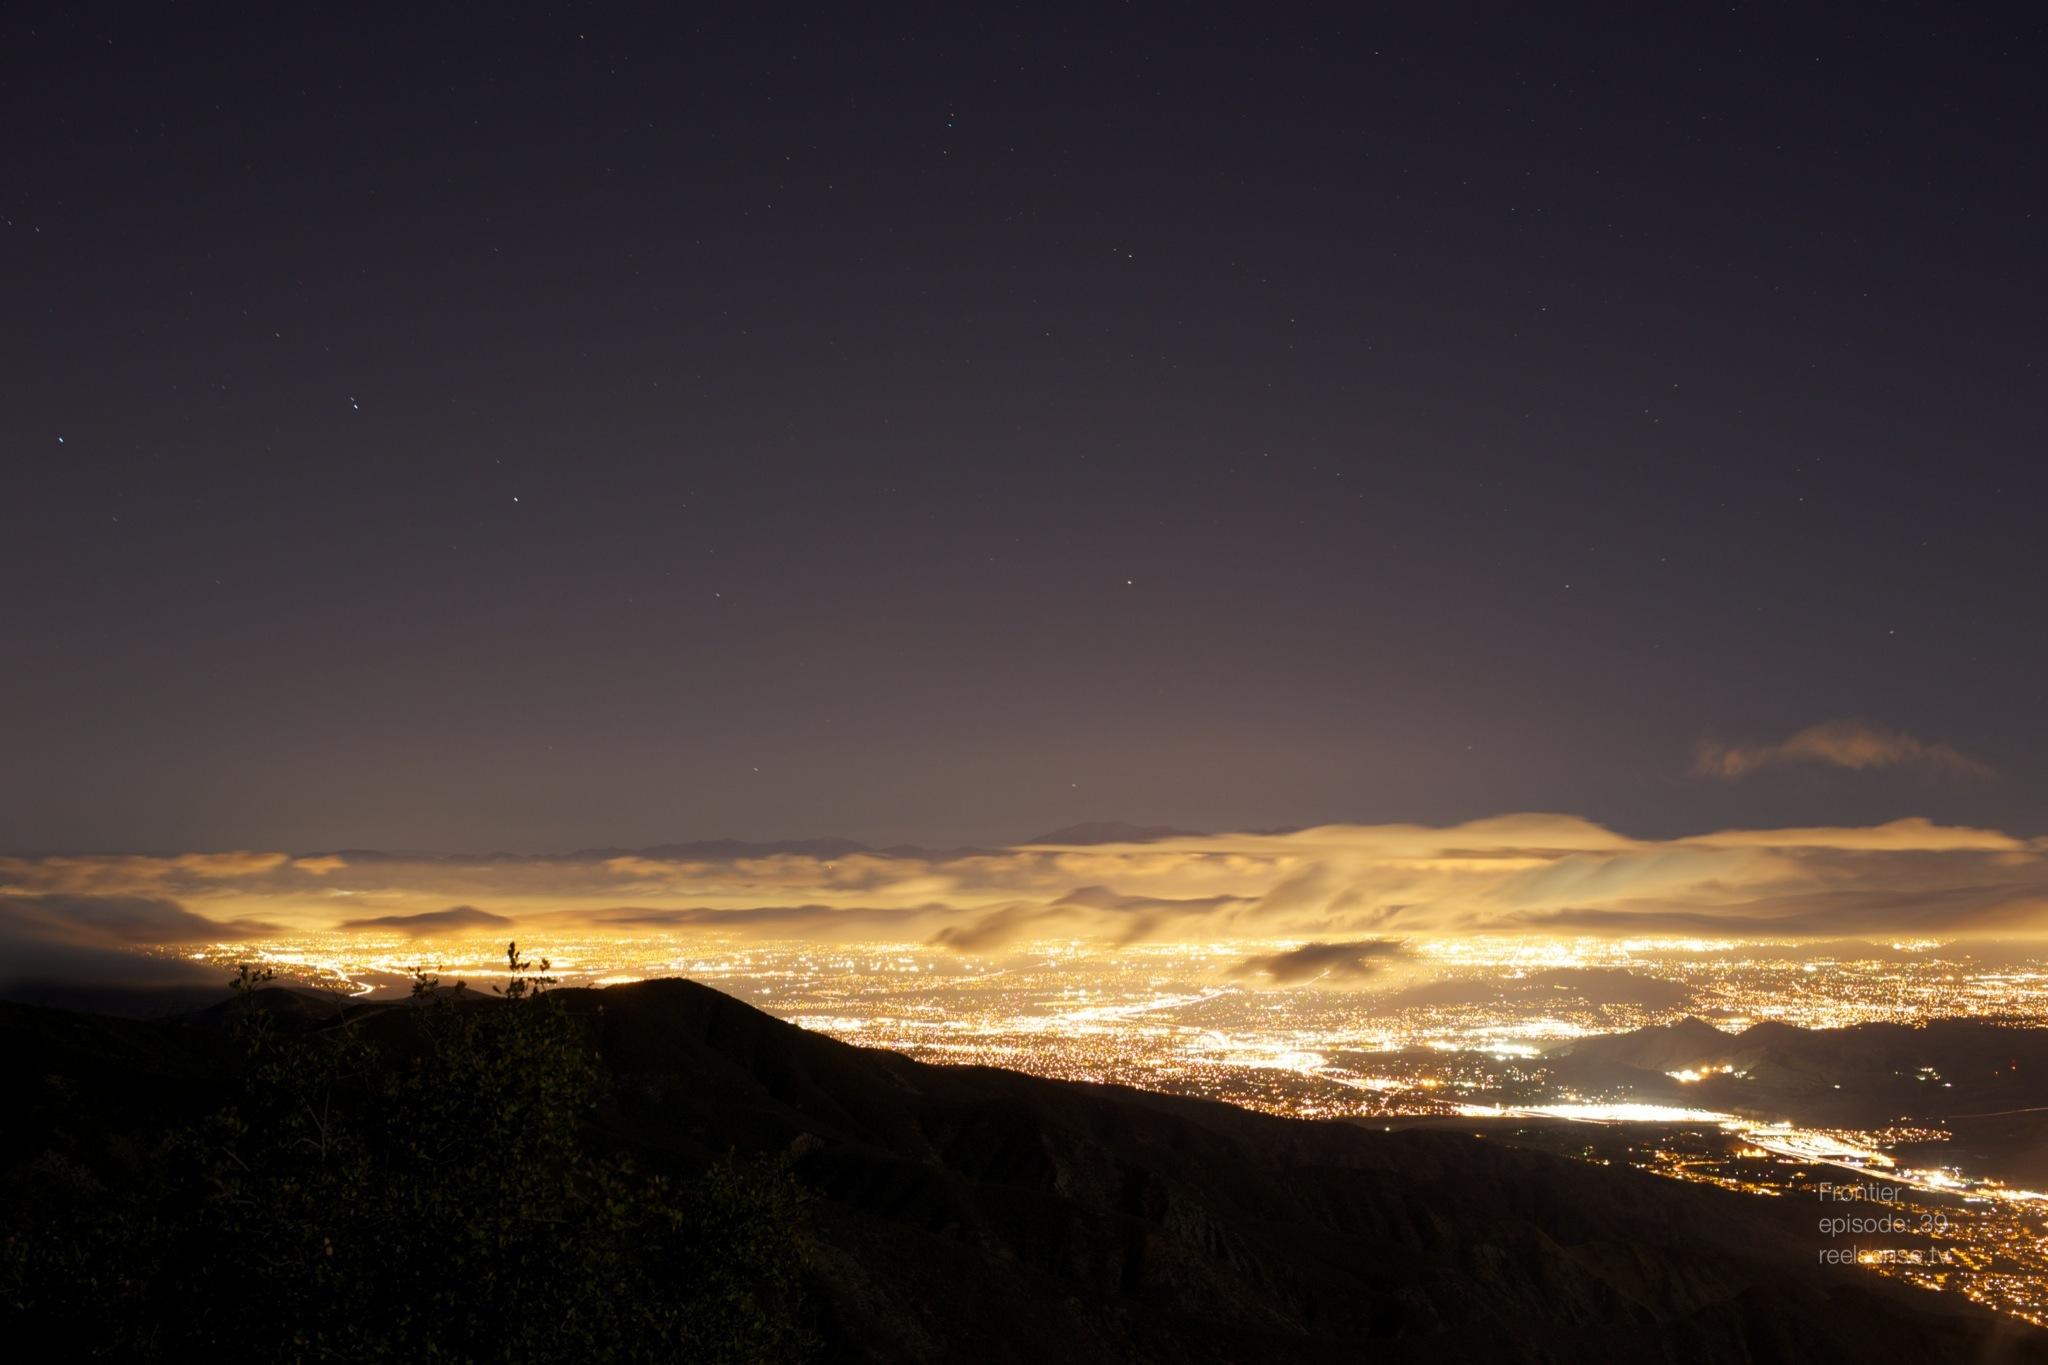 Lake Elsinore, CA - City Glow